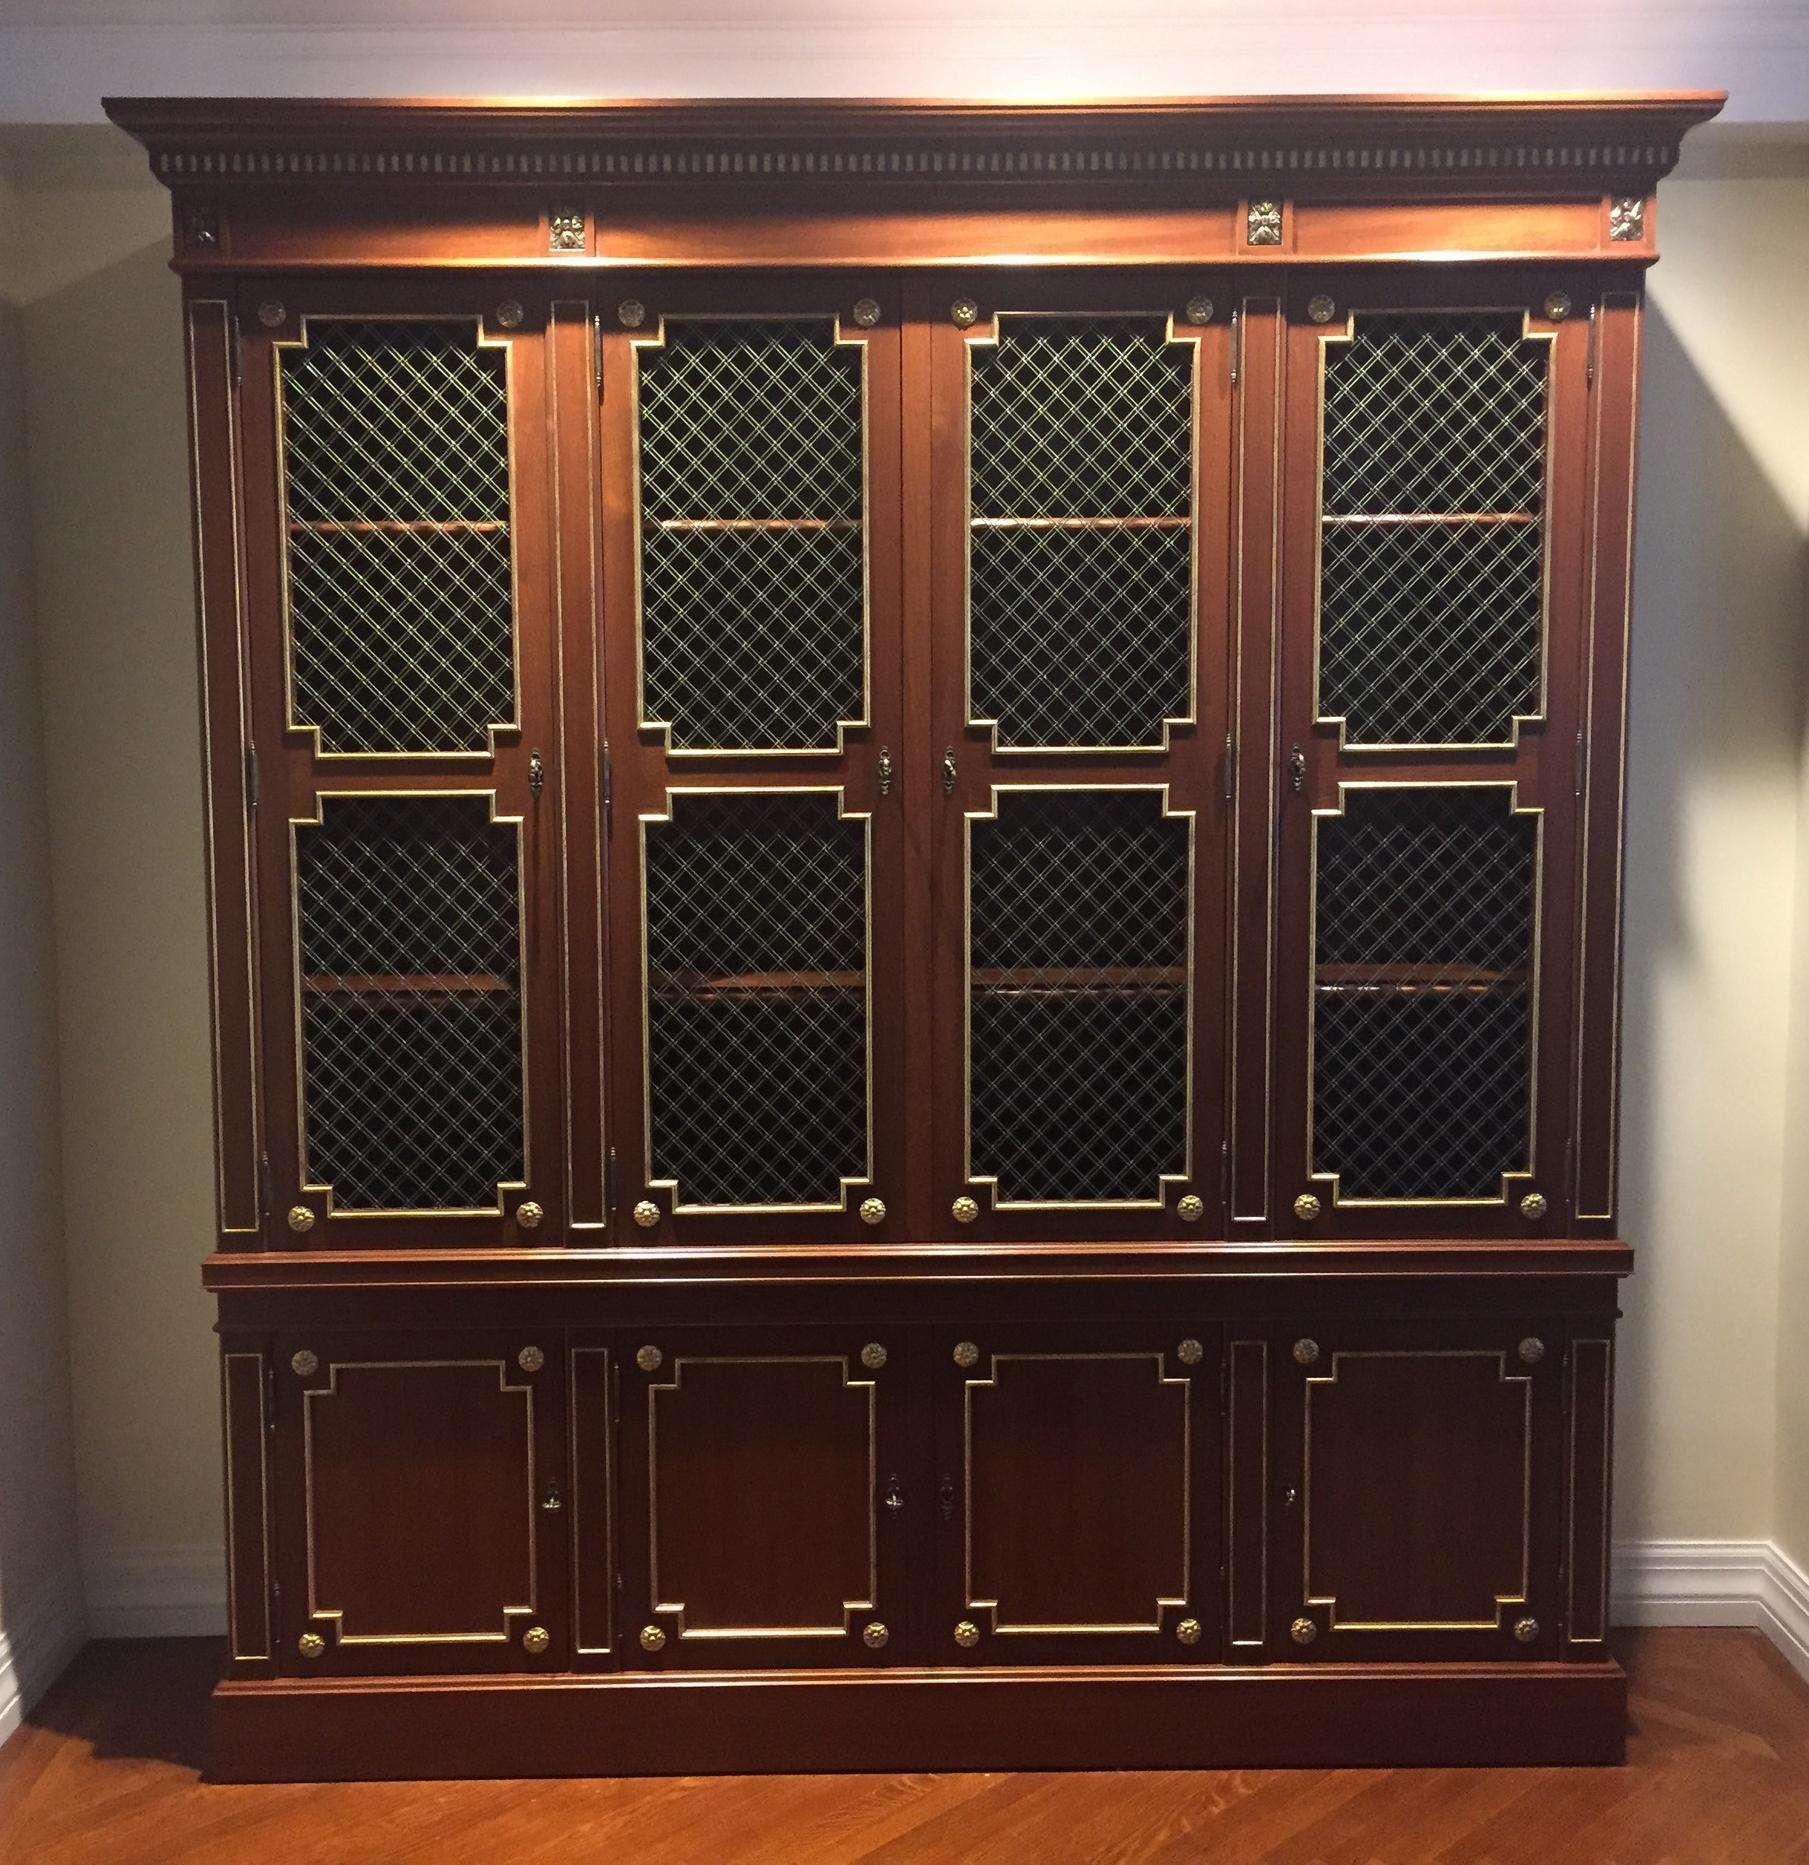 Custom Louis XVI style bookcase, Victoria & Son model R650, for Warp Design